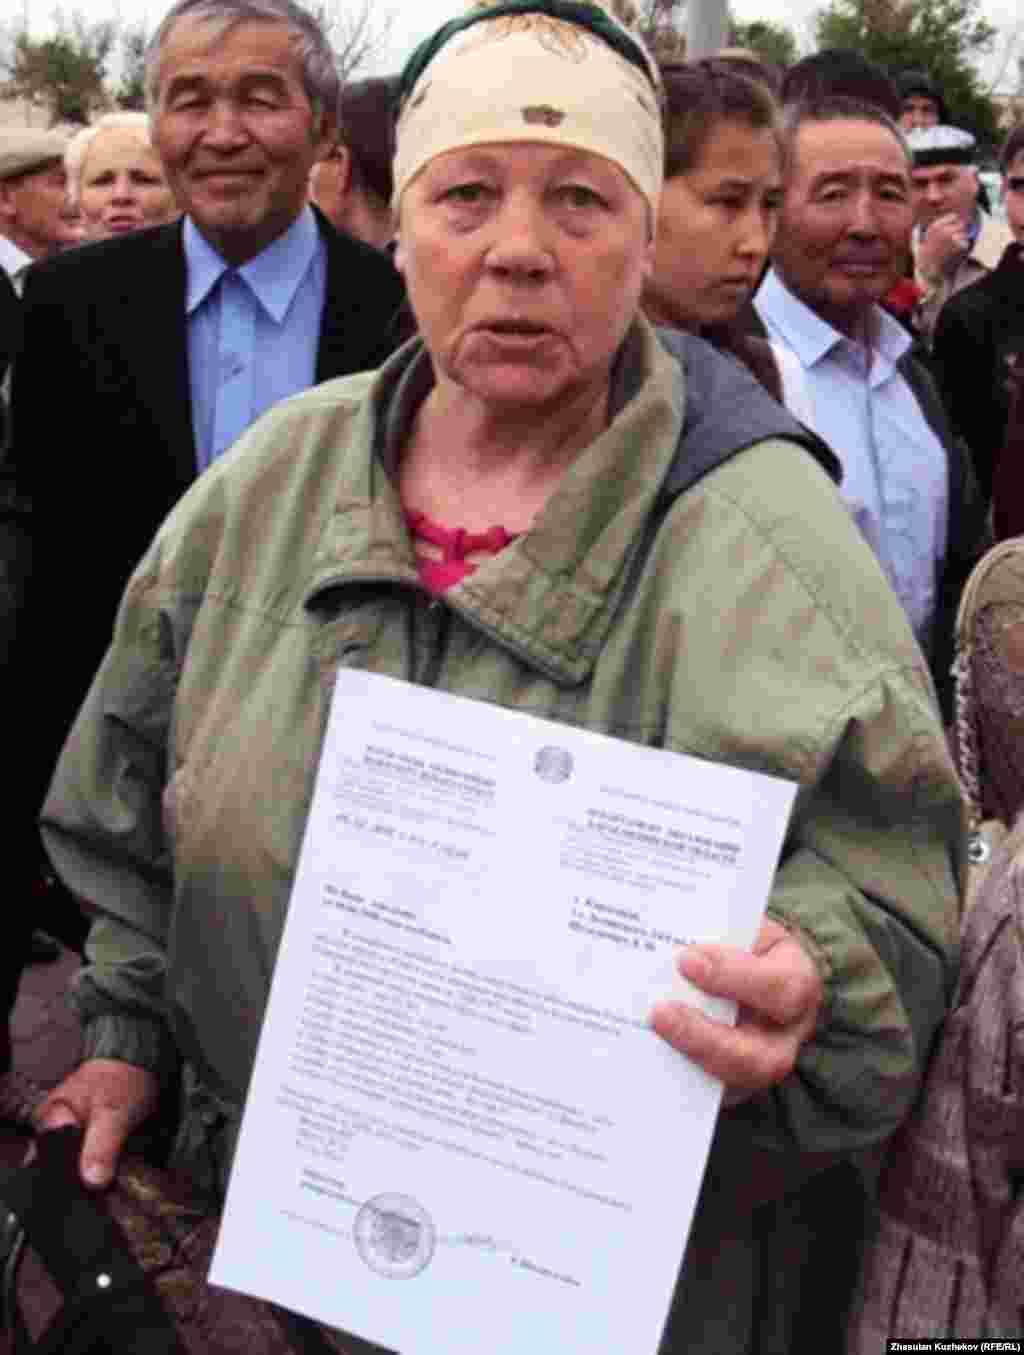 Бұрынғы Карлаг тұтқыны Лидия Шультевич өзінің ақталғаны туралы құжатты ұстап тұр. Қарағанды облысы Долинка ауылы, 31 мамыр, 2011 жыл.